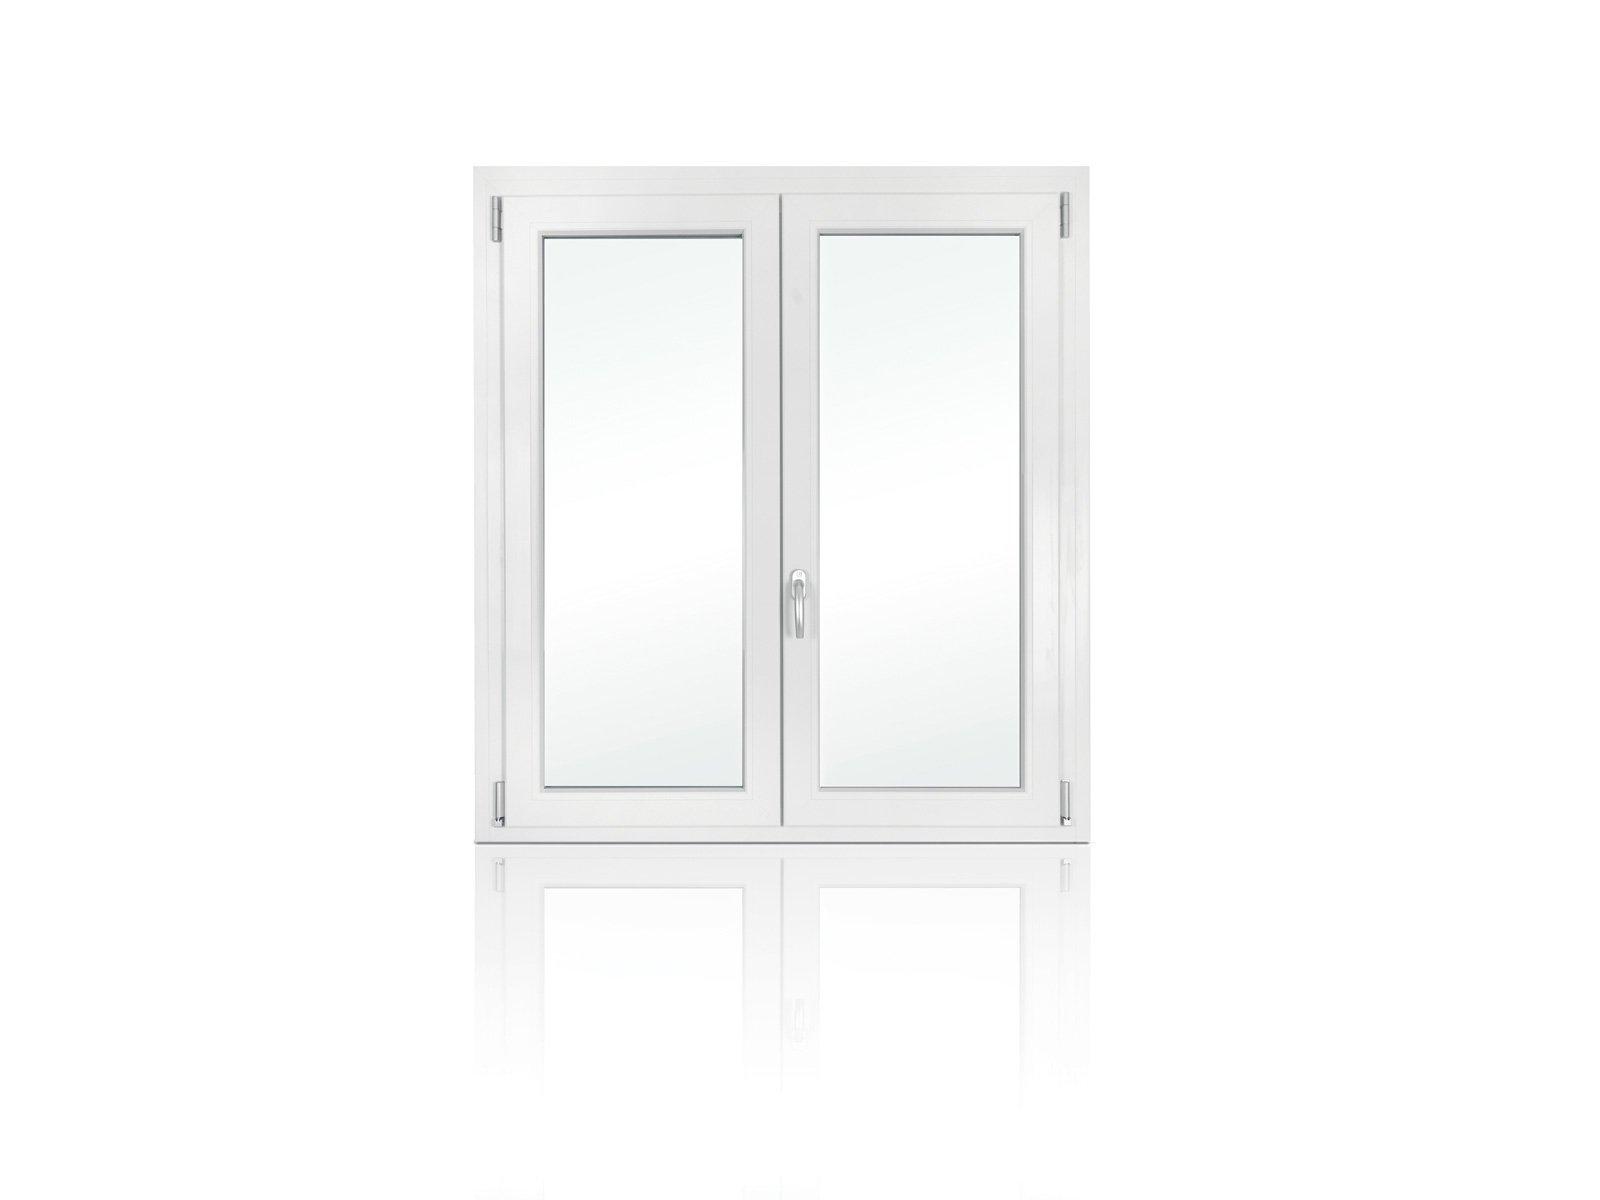 Infissi per risparmio energetico come sceglierli cose di casa - Quanto costa una porta finestra in pvc ...